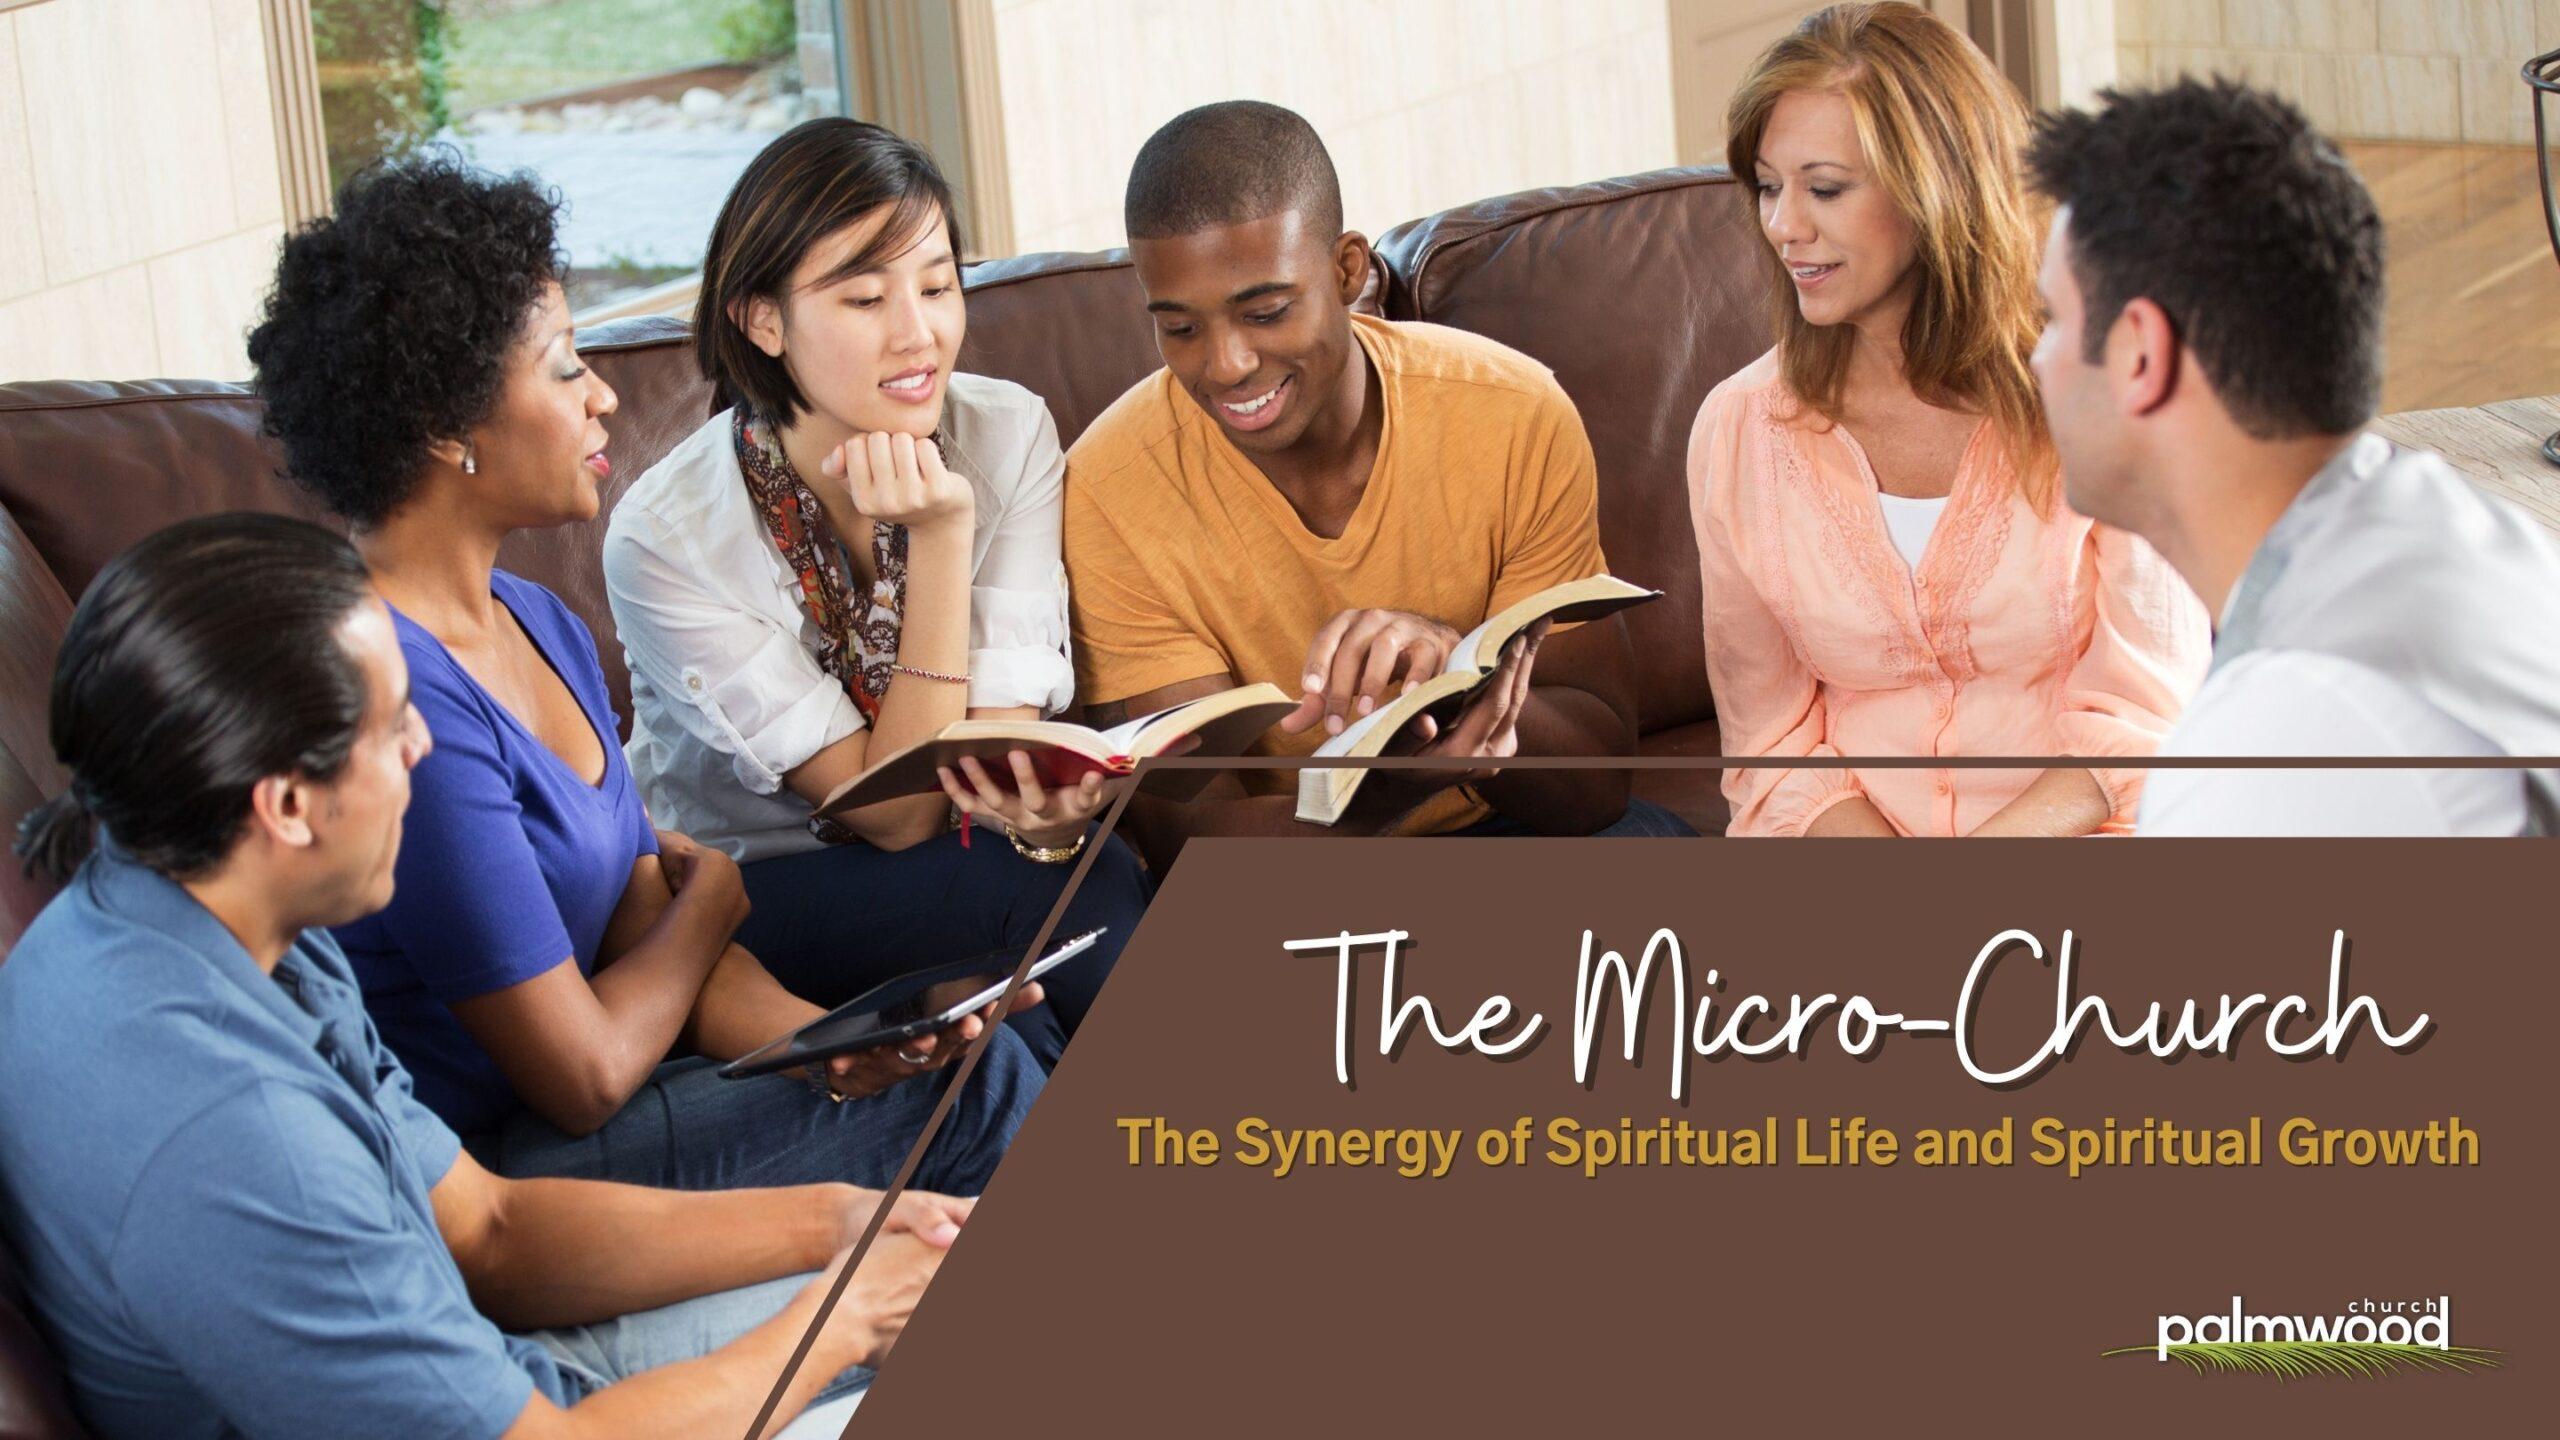 The Micro Church